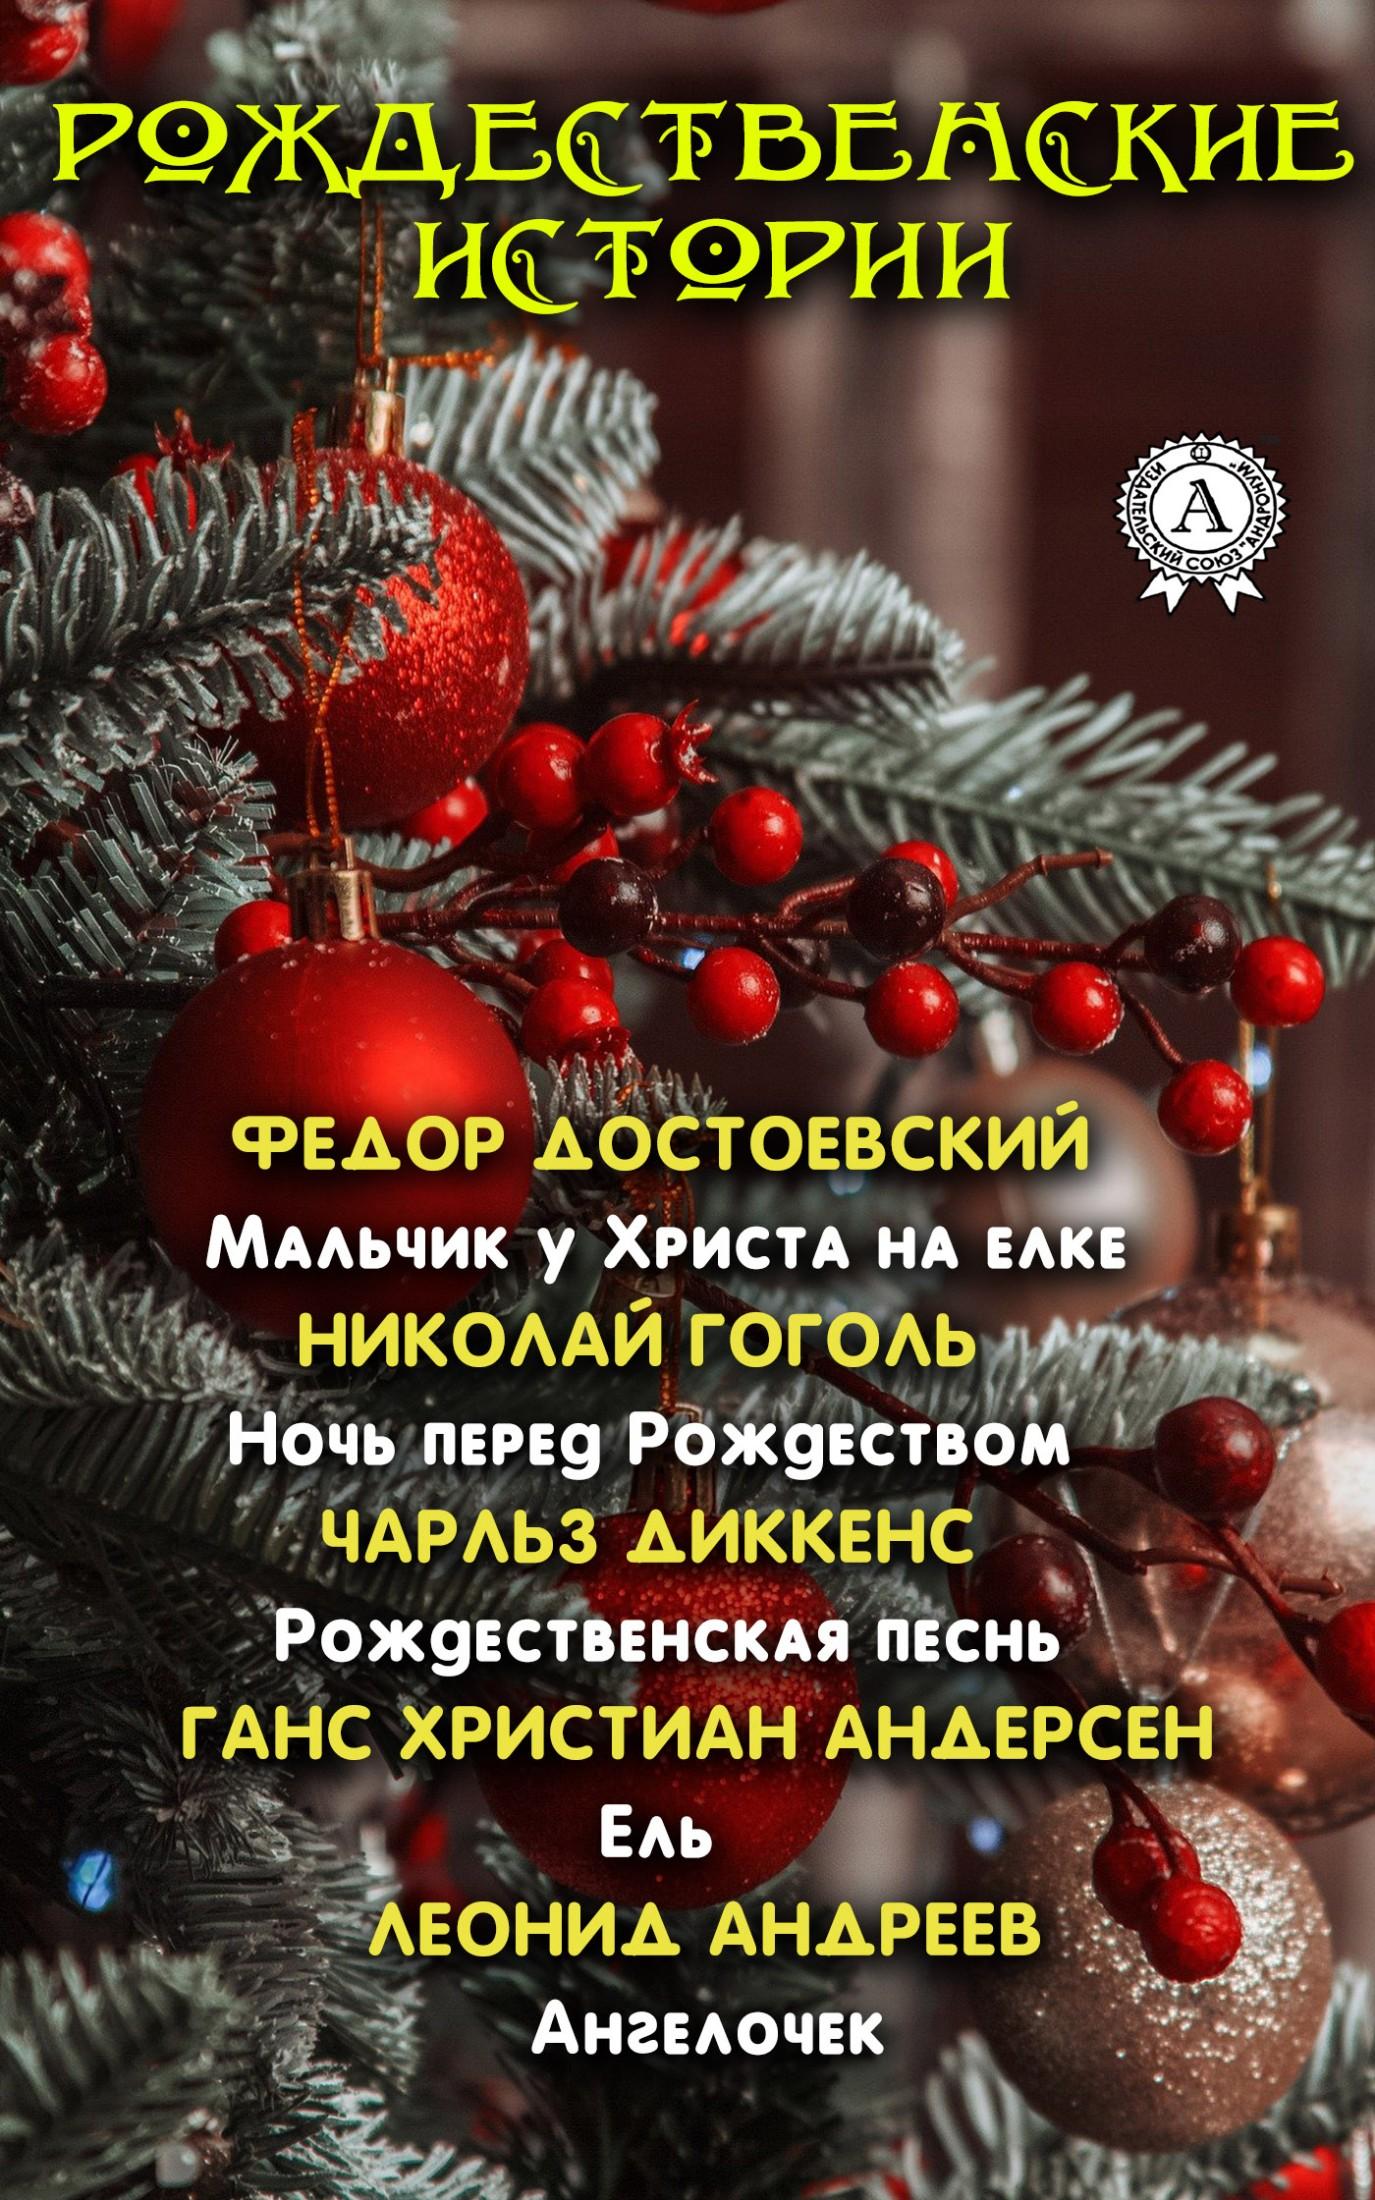 Микола Гоголь Рождественские истории: Мальчик у Христа на елке, Ночь перед Рождеством, Рождественская песнь, Ель, Ангелочек